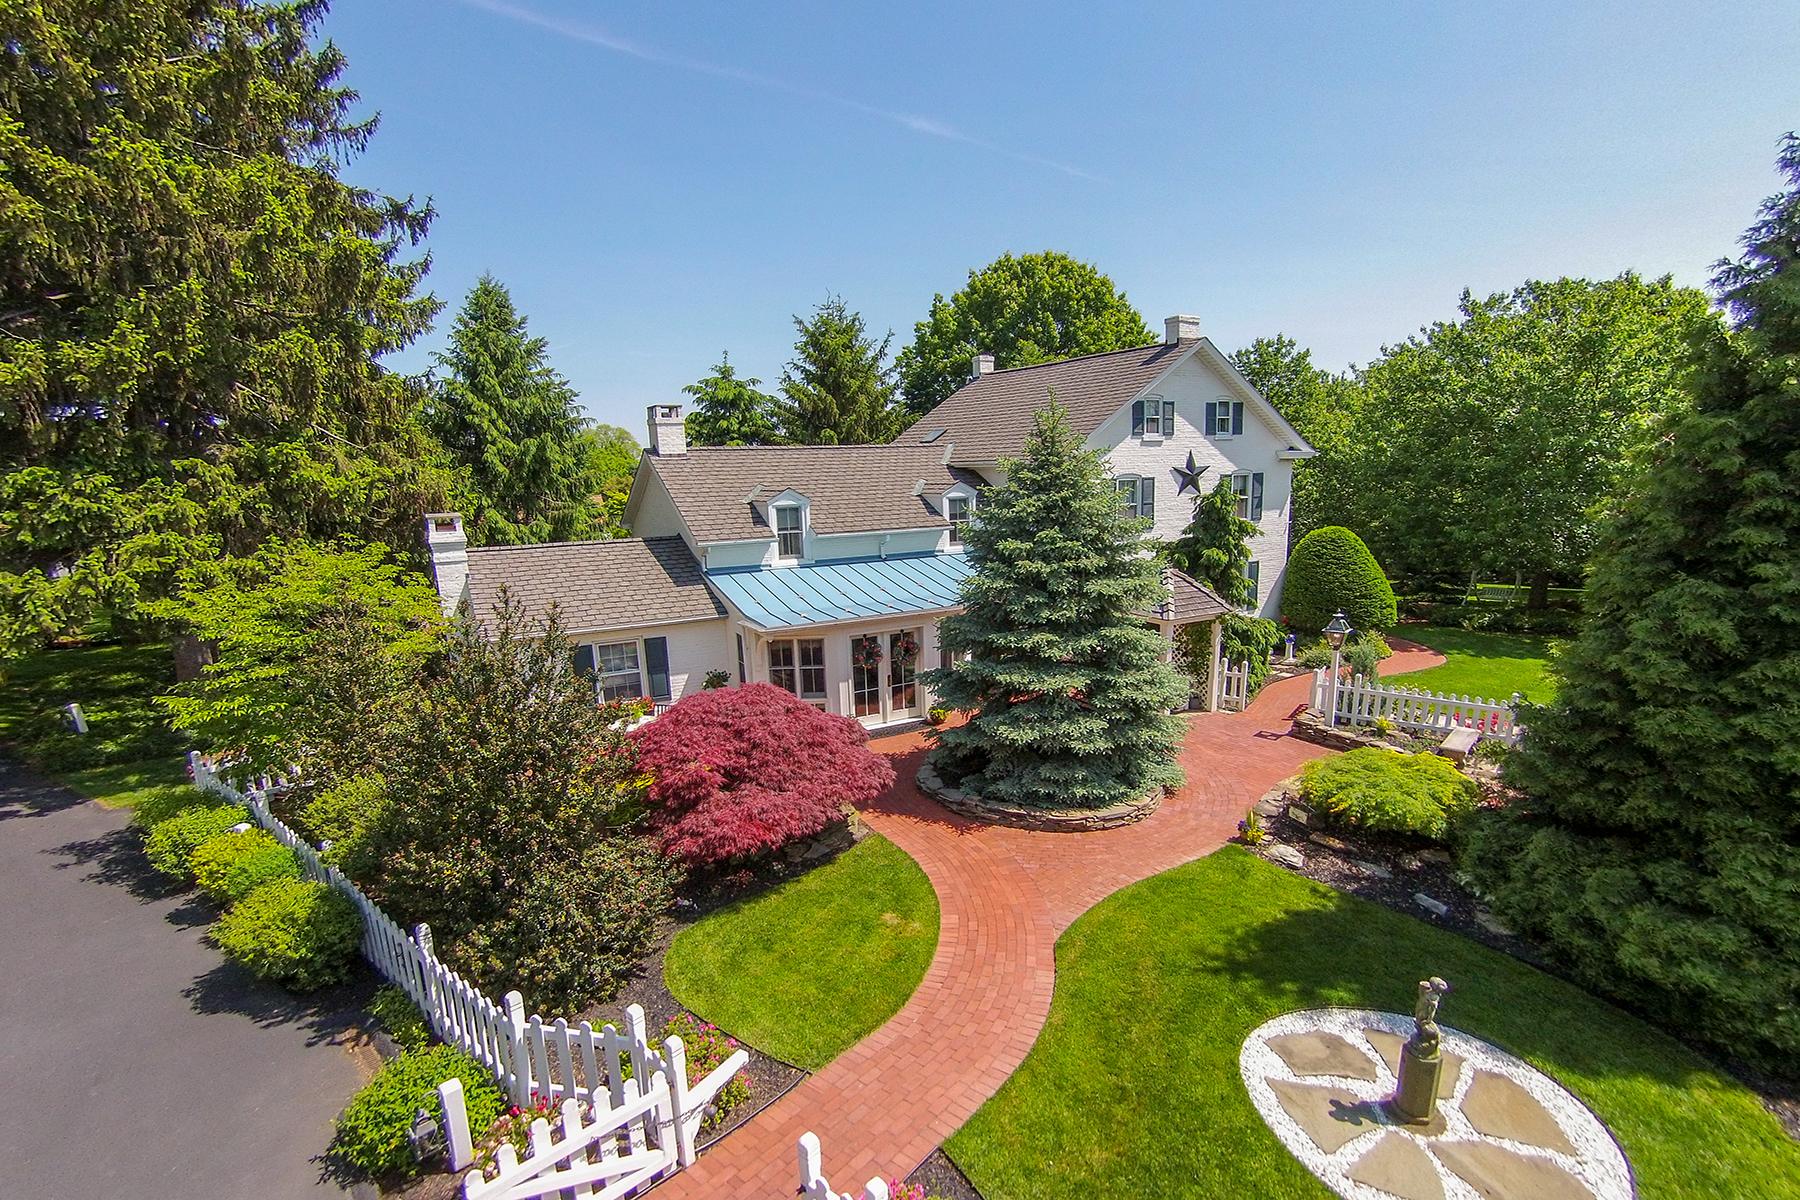 Частный односемейный дом для того Продажа на 11 Landis Boulevard Willow Street, 17584 Соединенные Штаты